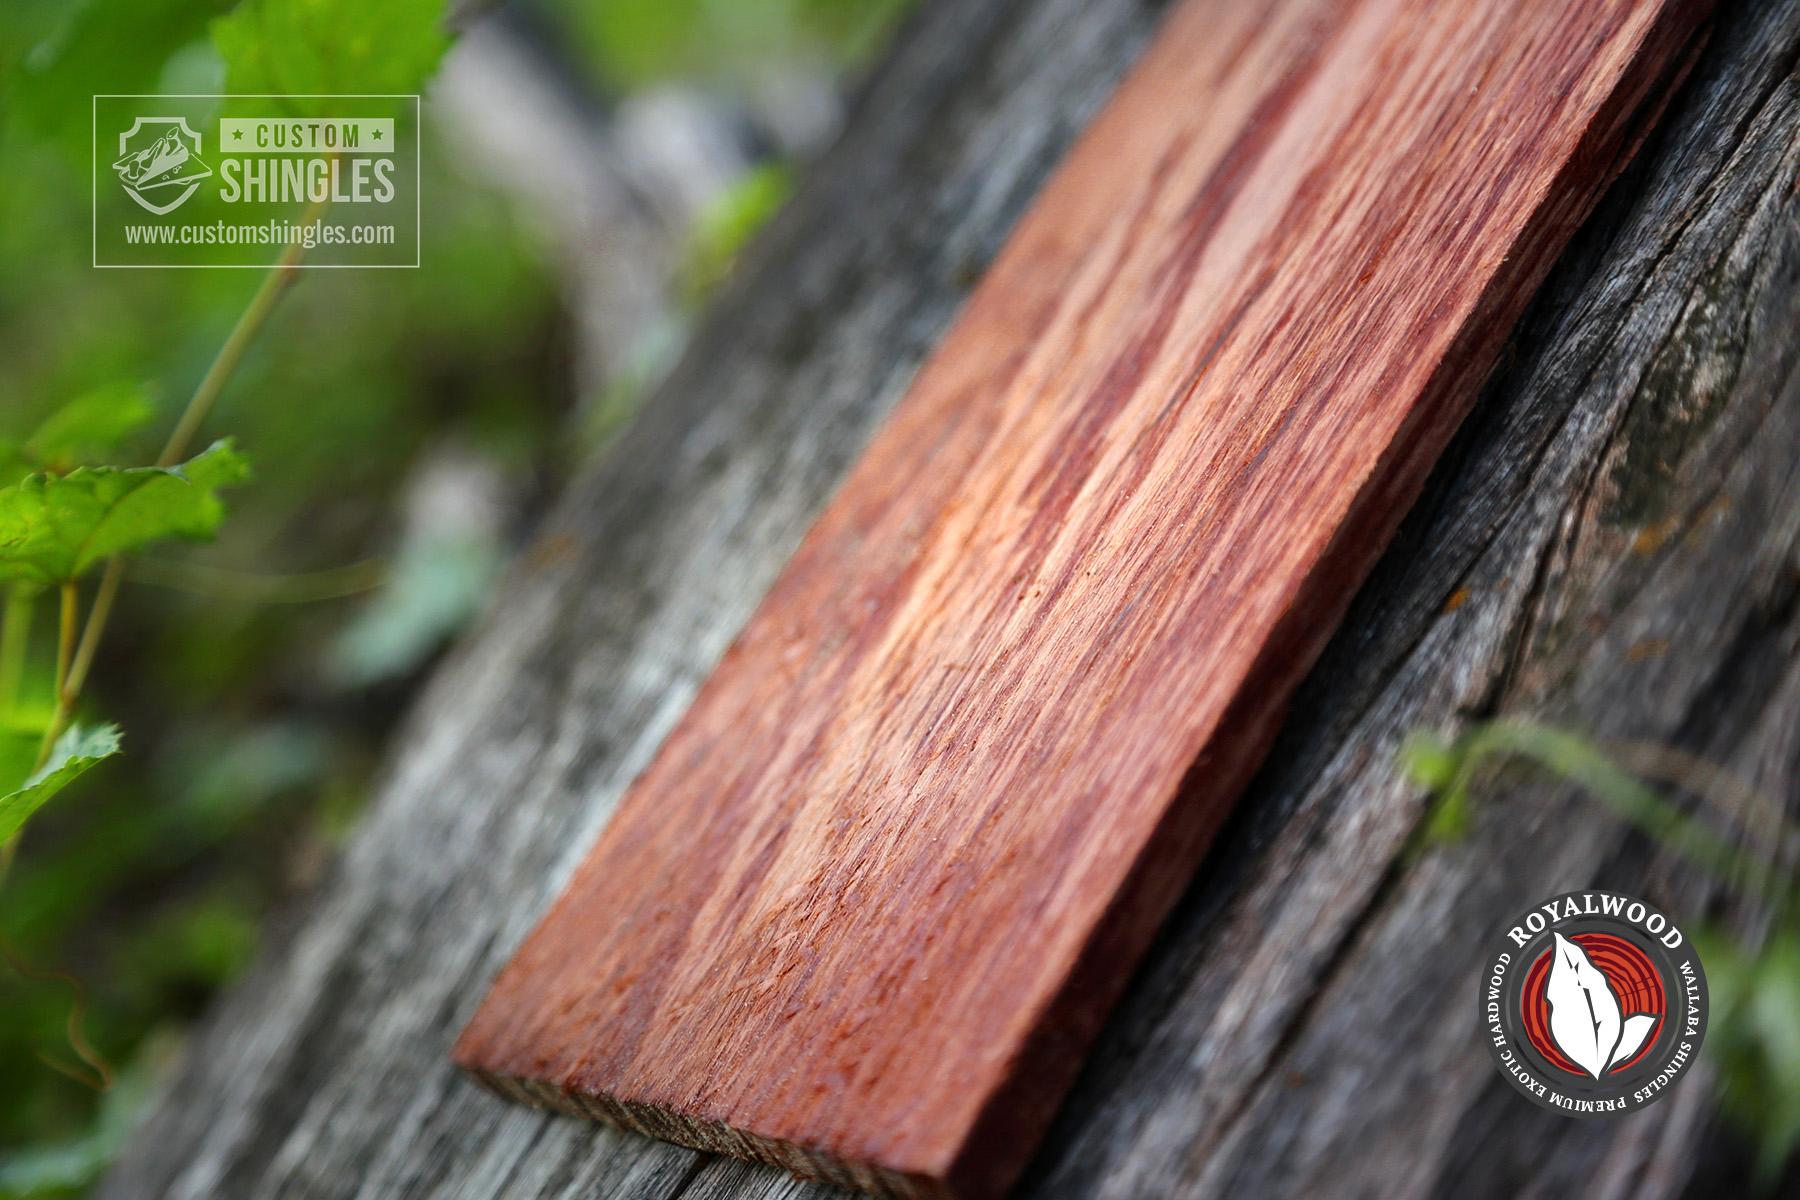 royalwood wallaba wood grain